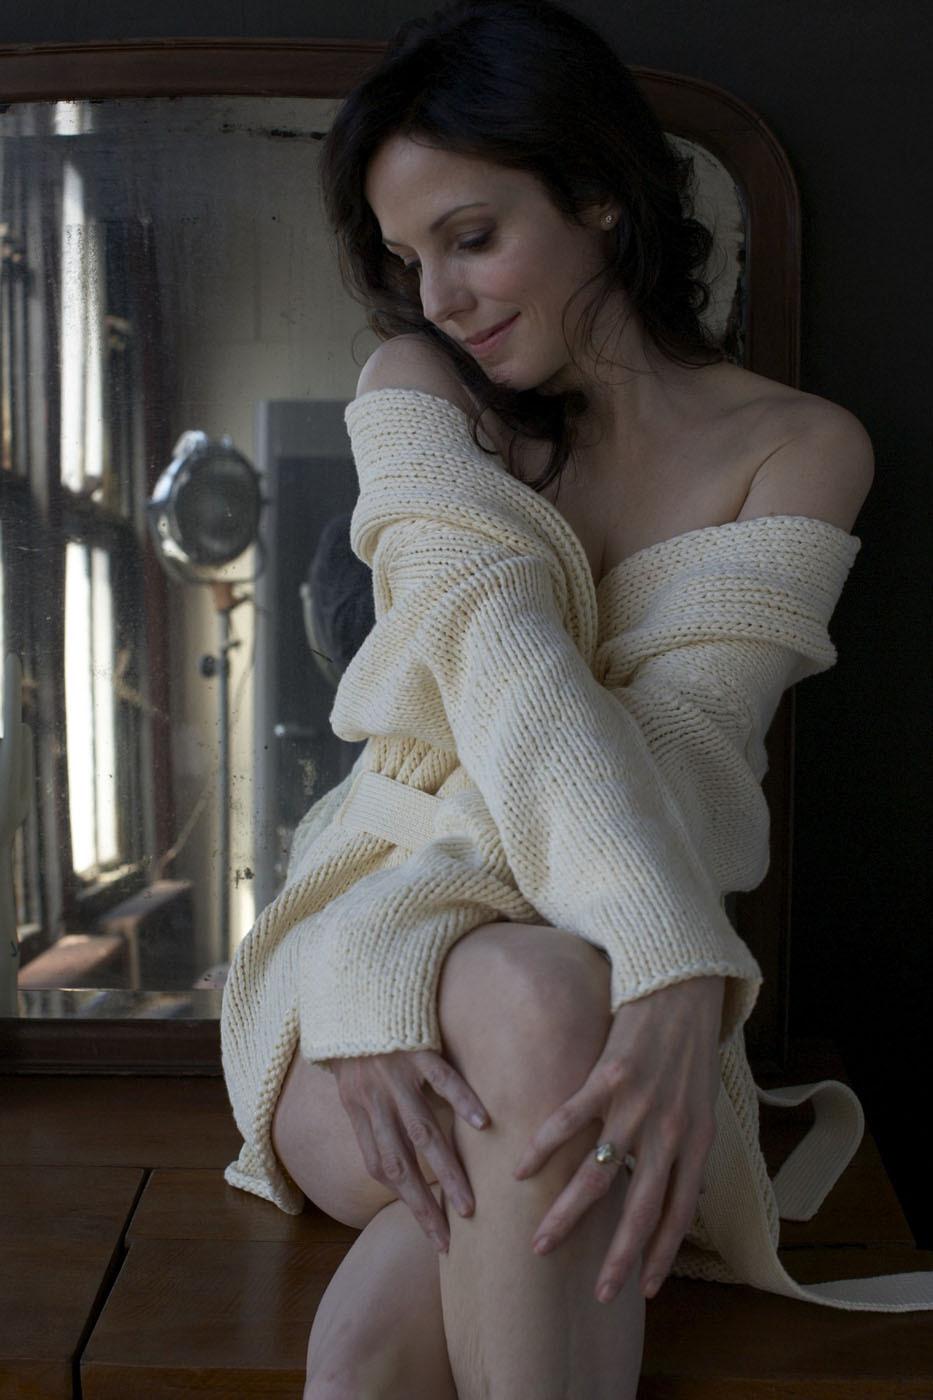 Larissa wilson nude Nude Photos